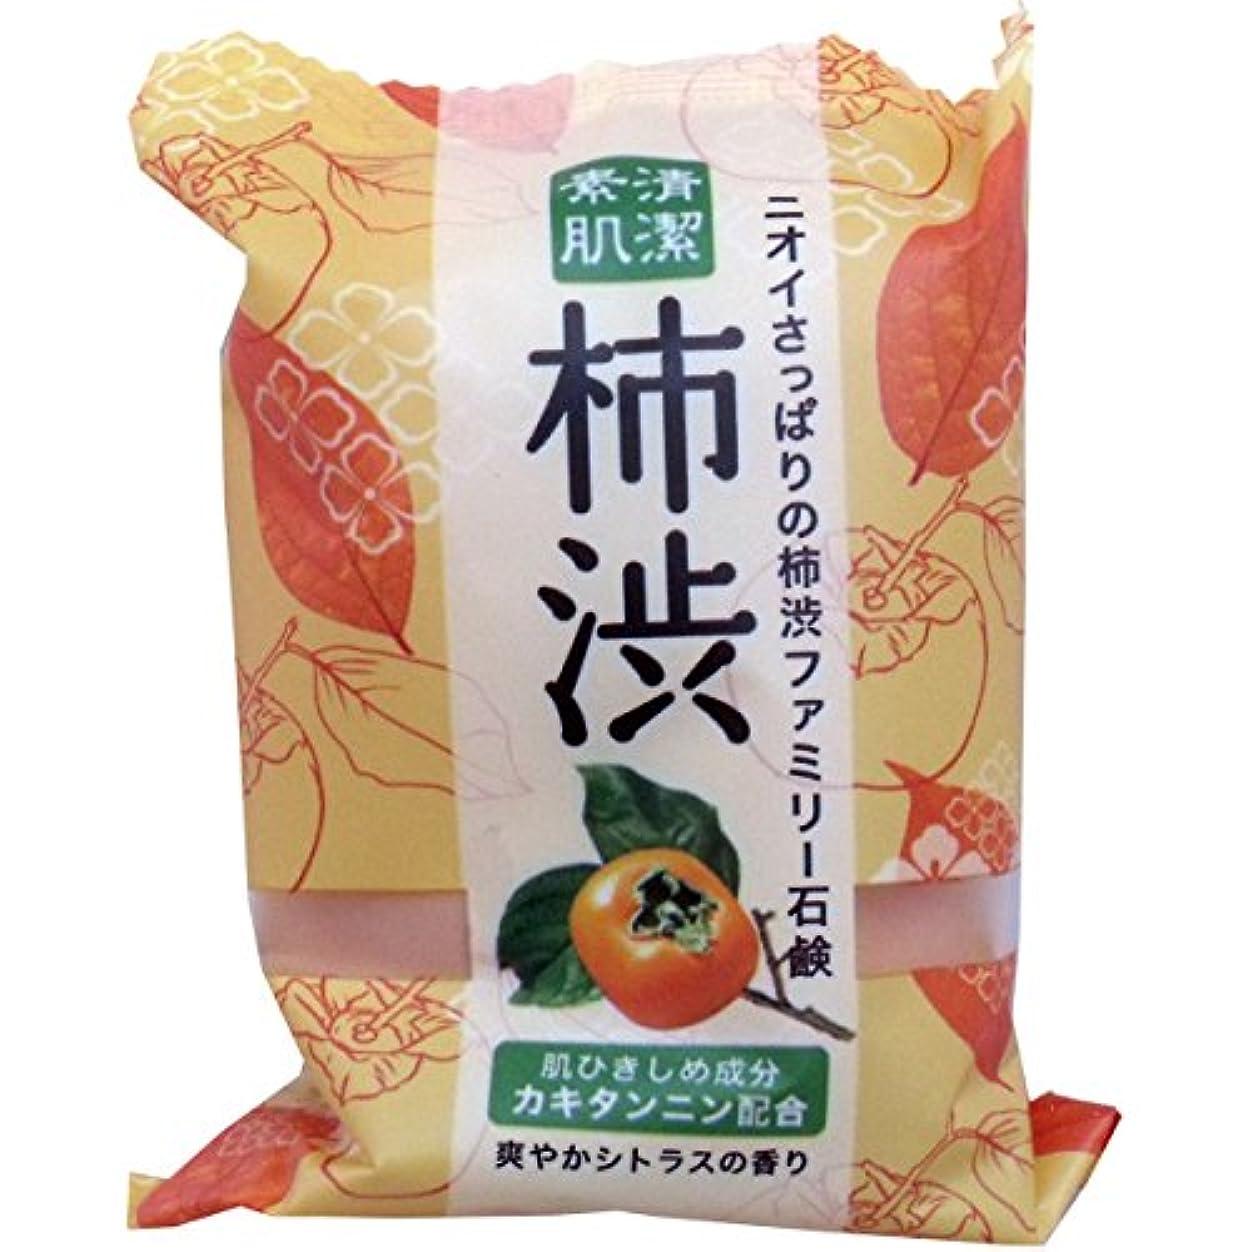 冷淡なピンポイント鼓舞するペリカン石鹸 ファミリー柿渋石鹸(1個) ×2セット